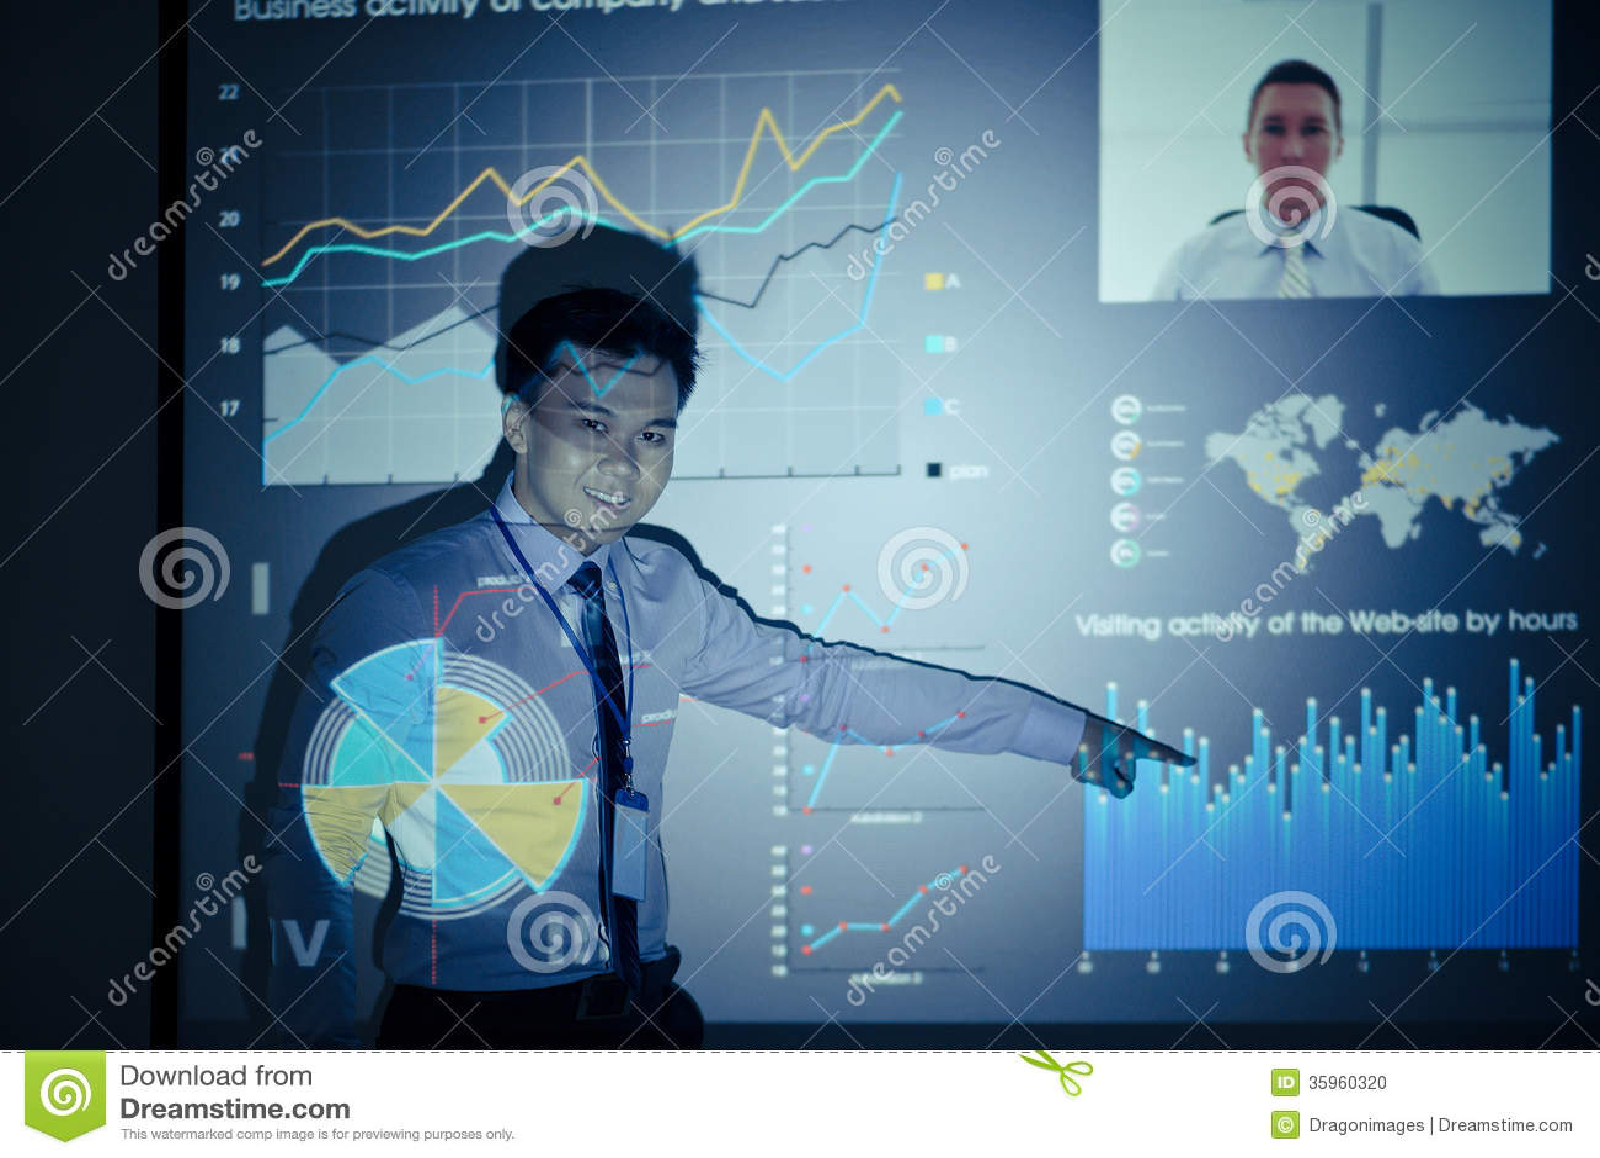 Presentación de la actividad de los company?s